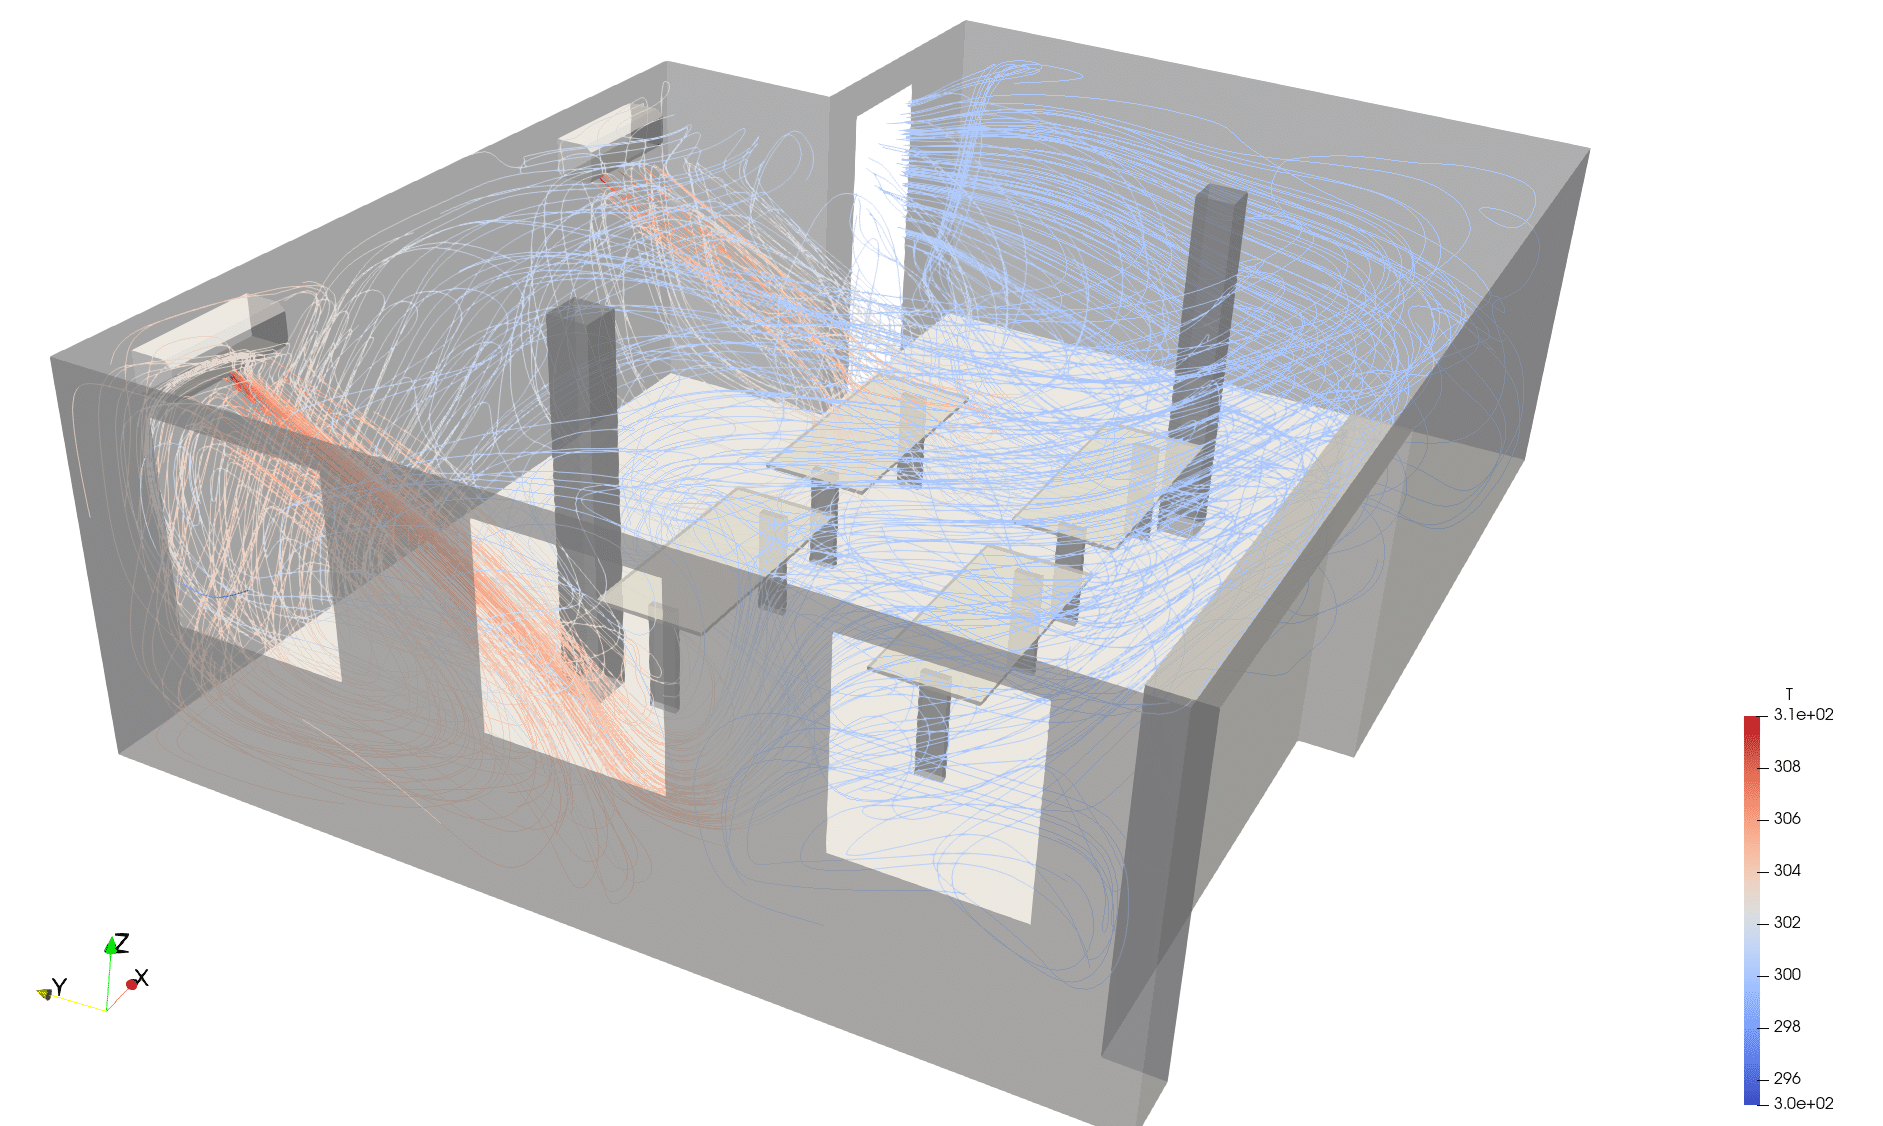 Riscaldamento, ventilazione e condizionamento dell'aria (HVAC)